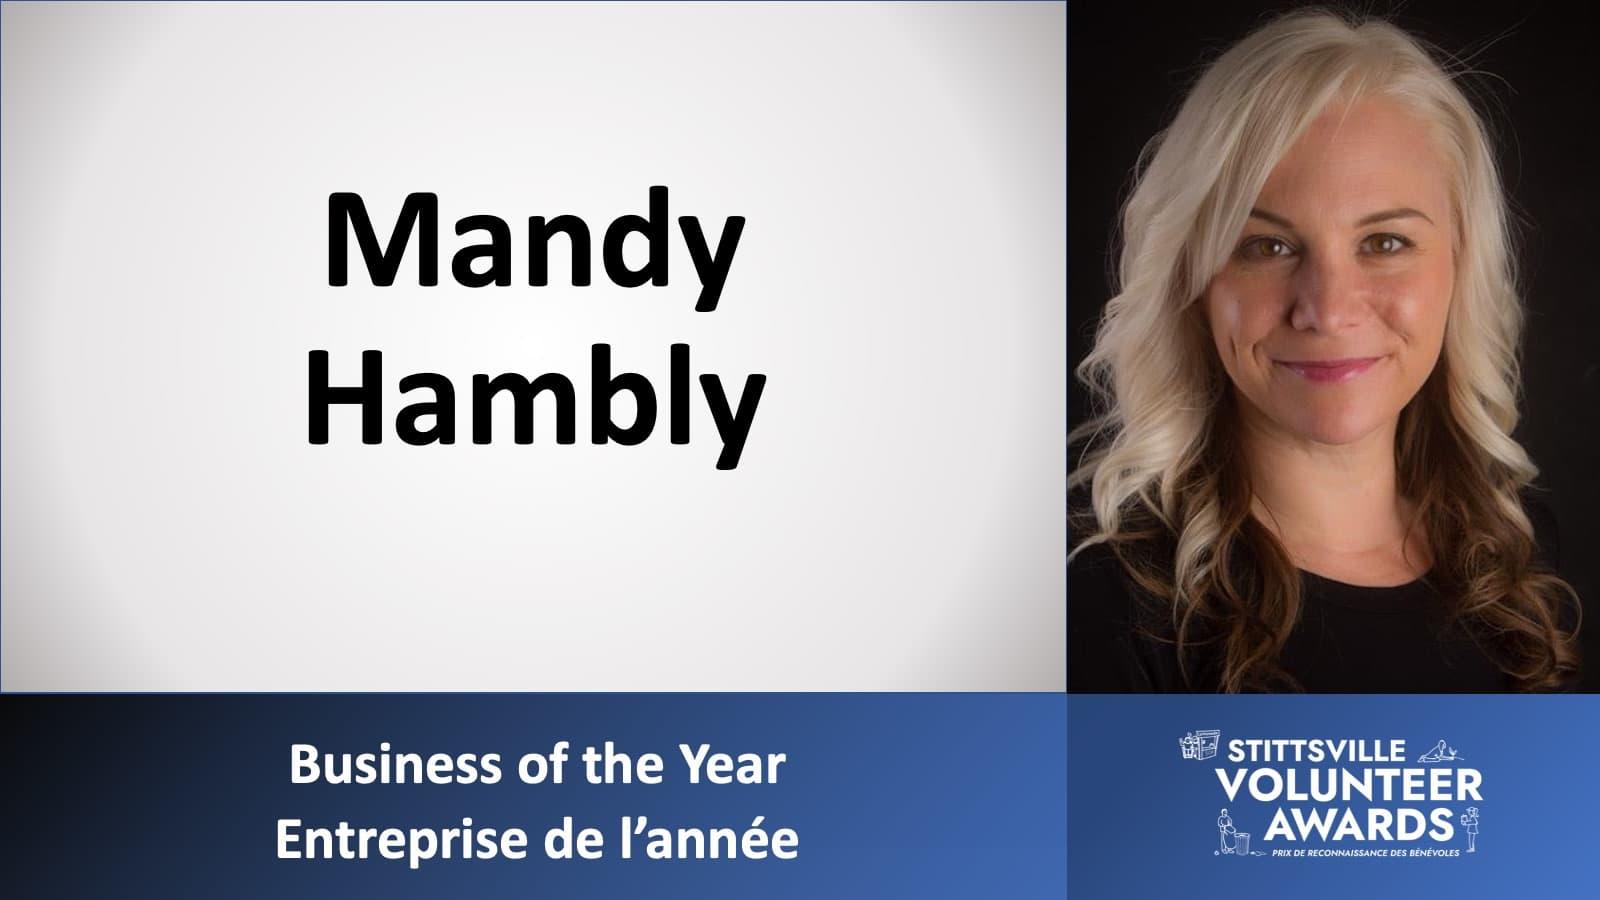 Mandy Hambly